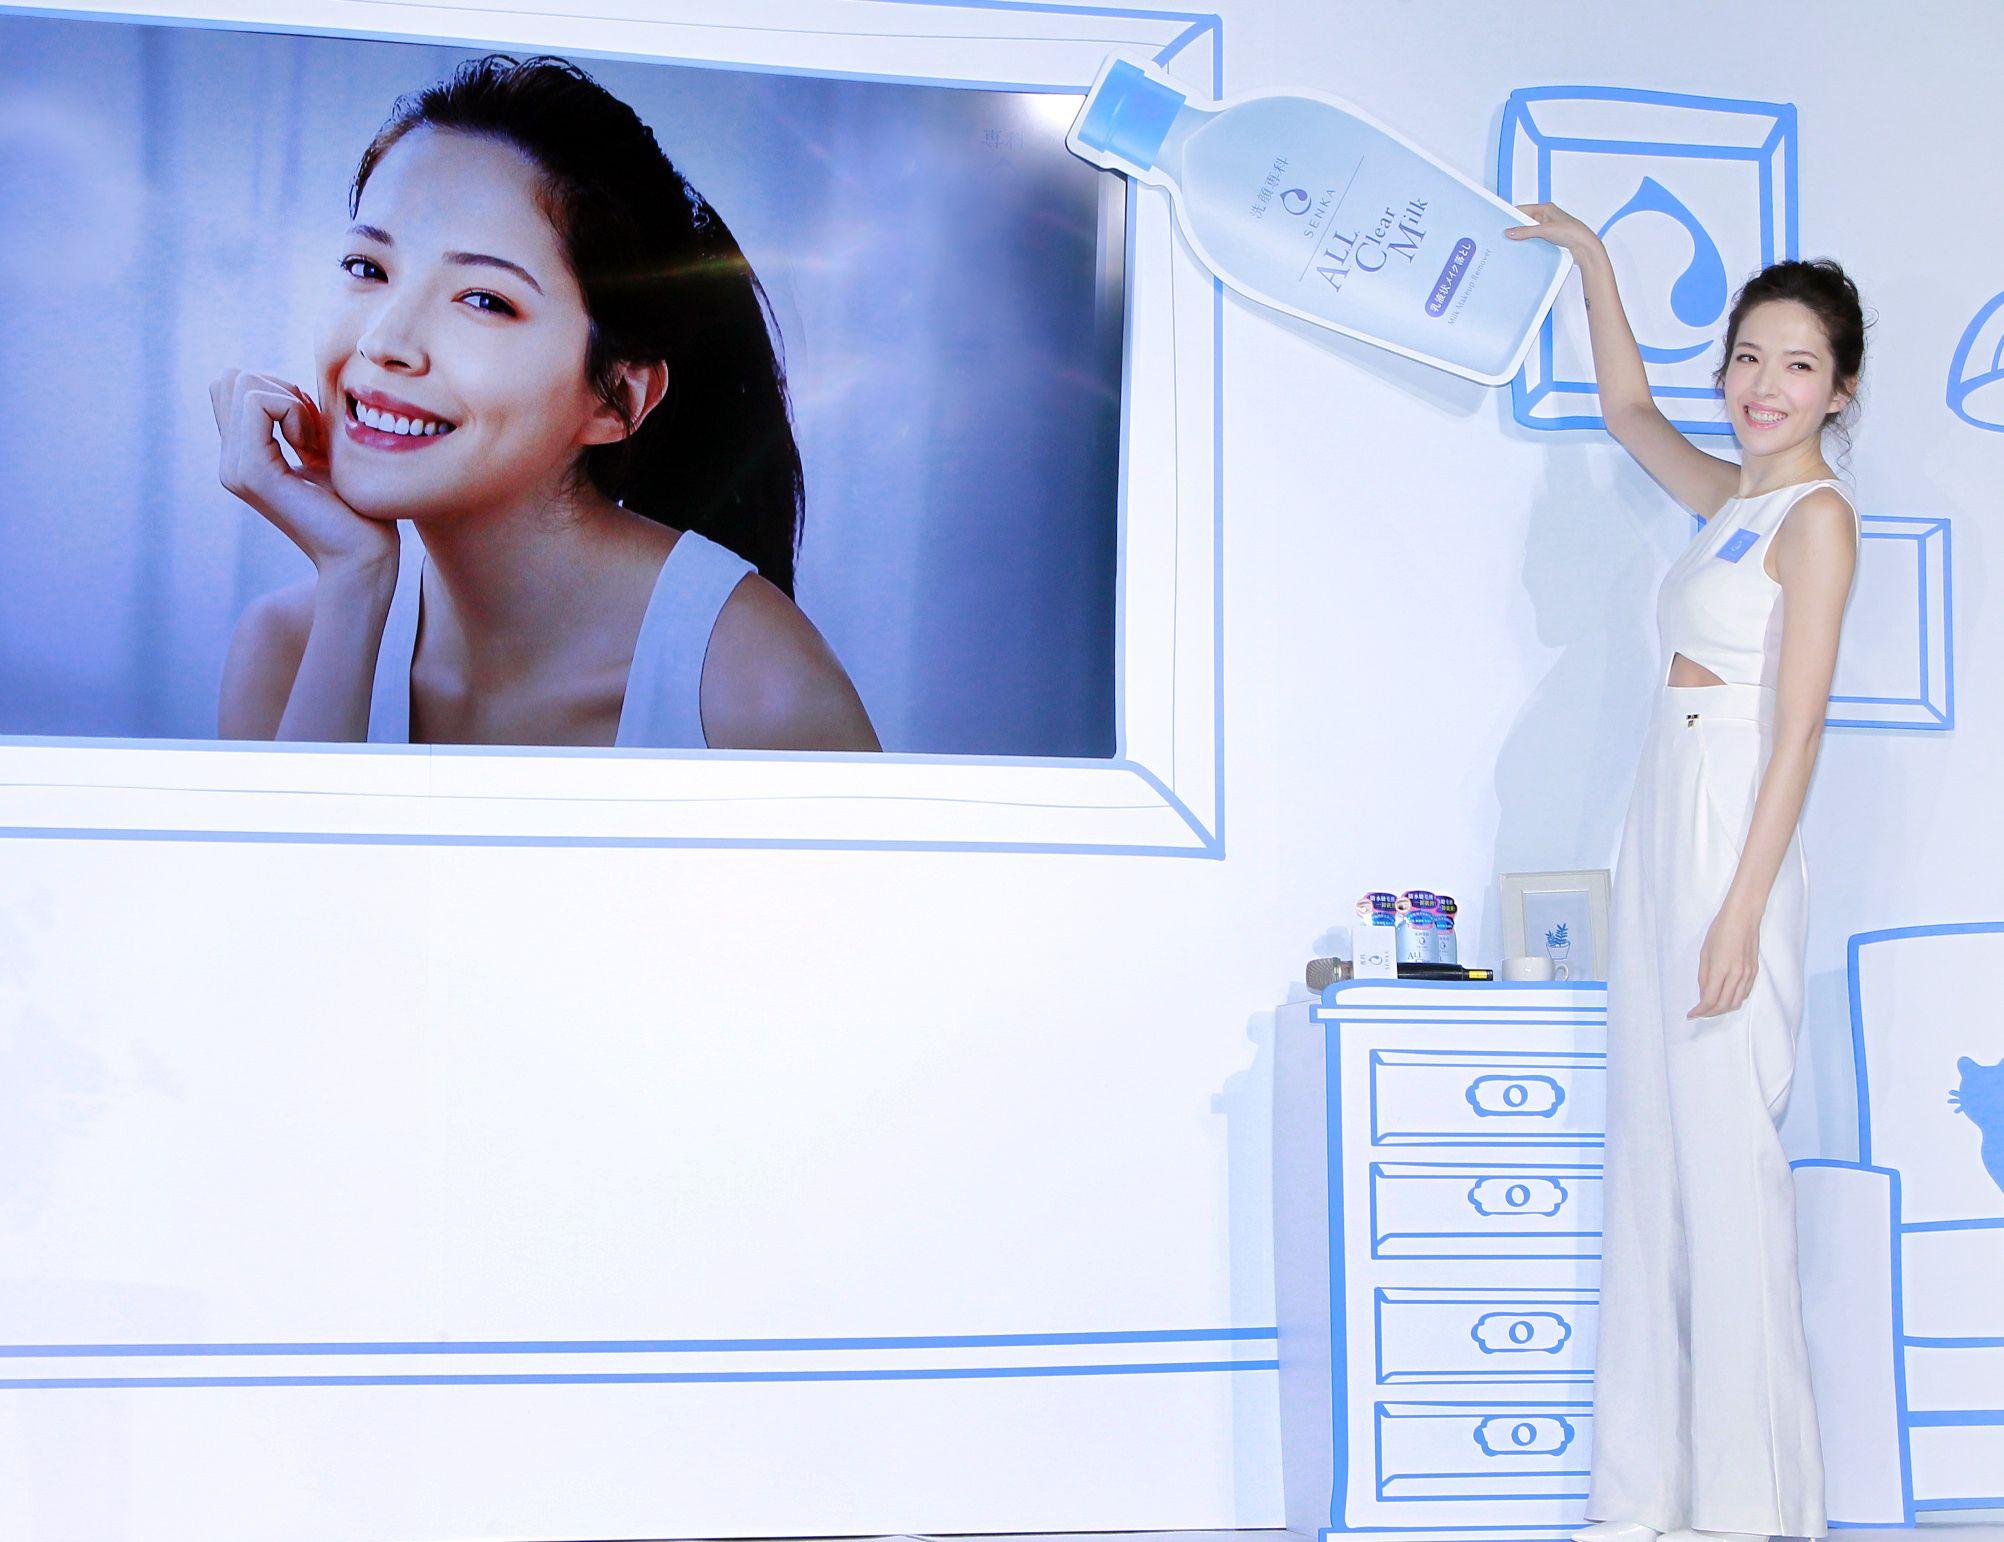 許瑋甯愛情幸福美滿分享卸妝迎向極淨正素顏。(記者邱榮吉/攝影)